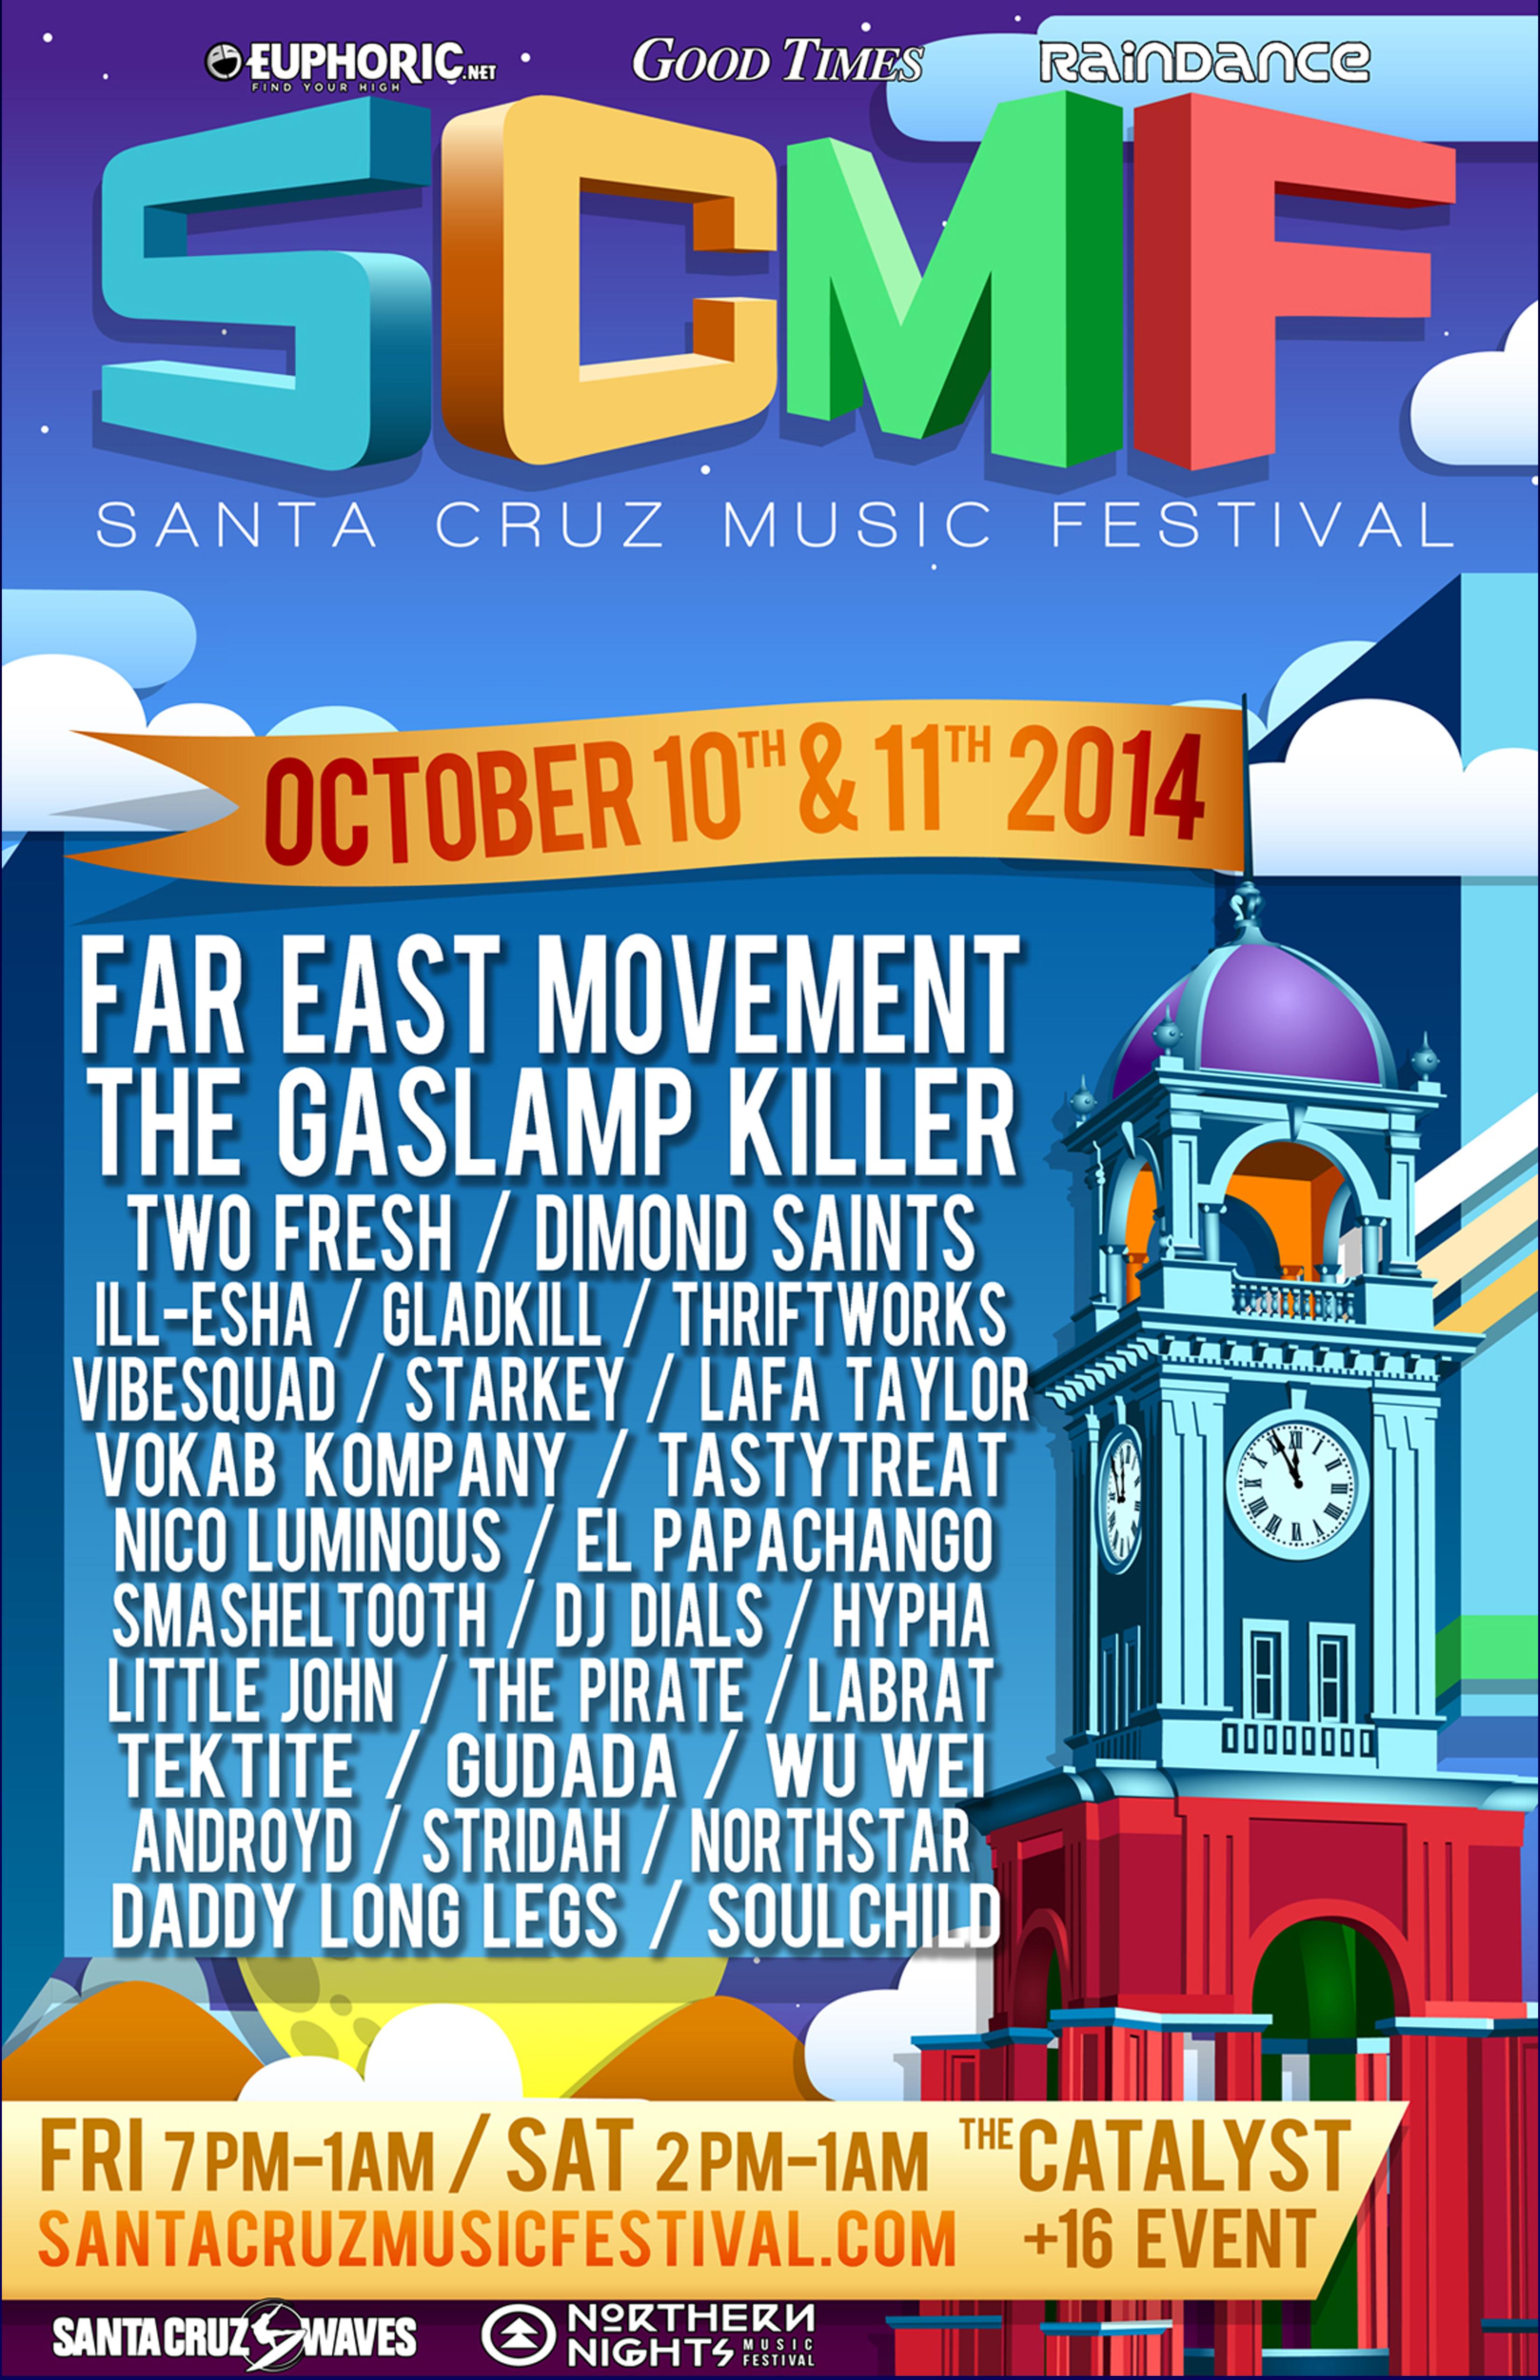 Santa Cruz Music Festival 2014